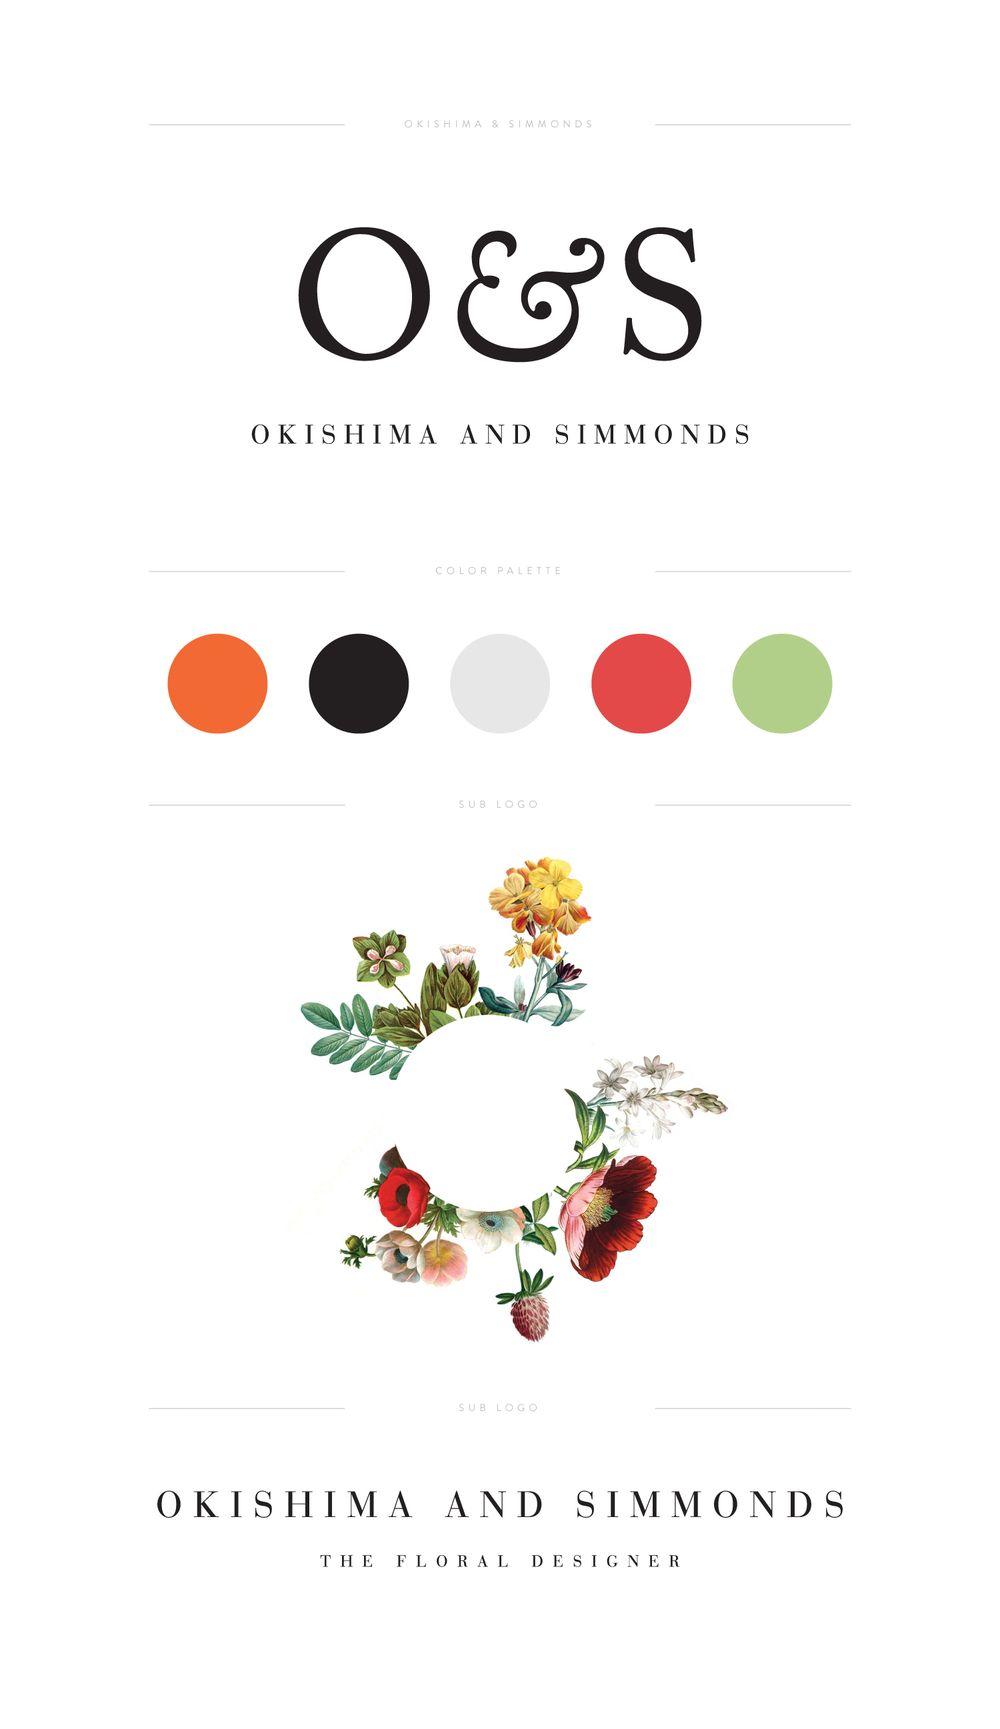 Okishima & Simmonds Branding / laurenledbetter.com